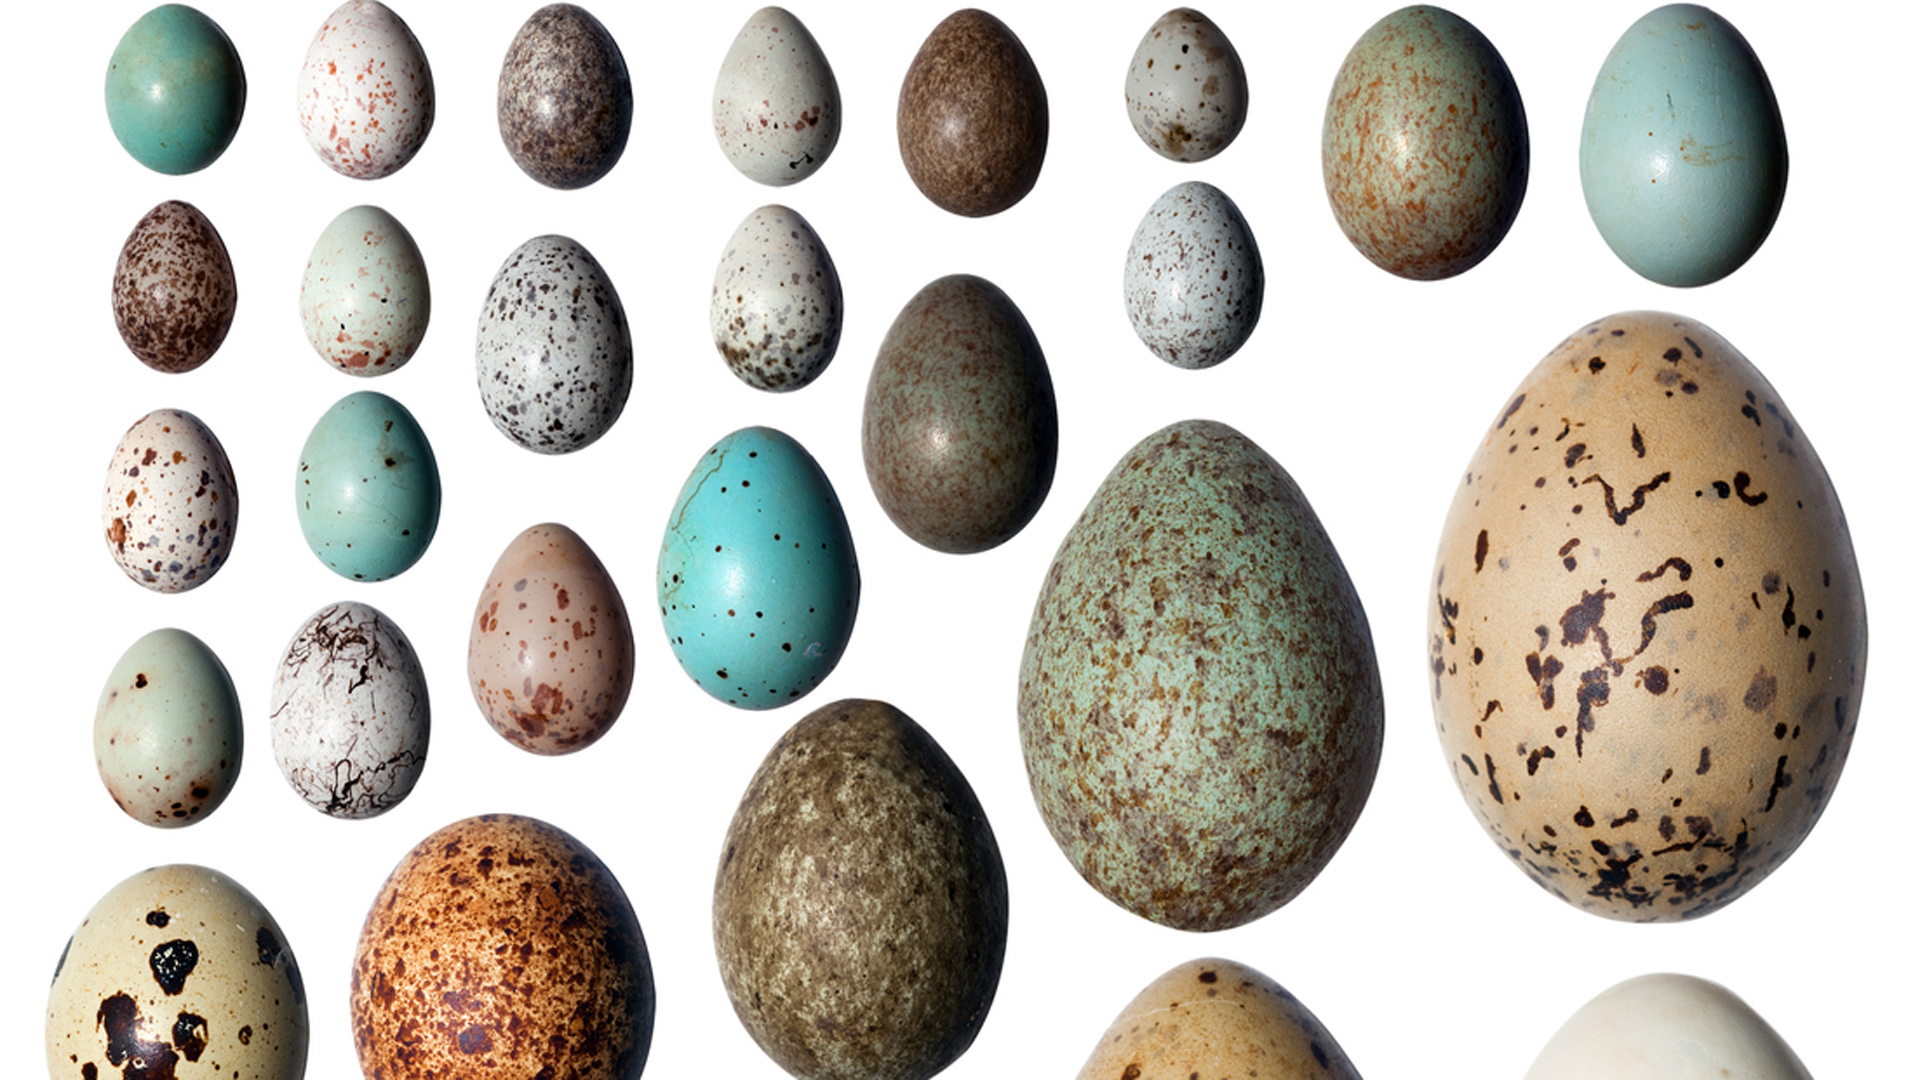 Finalmente, se supo la razón de la forma de los huevos (Istock)